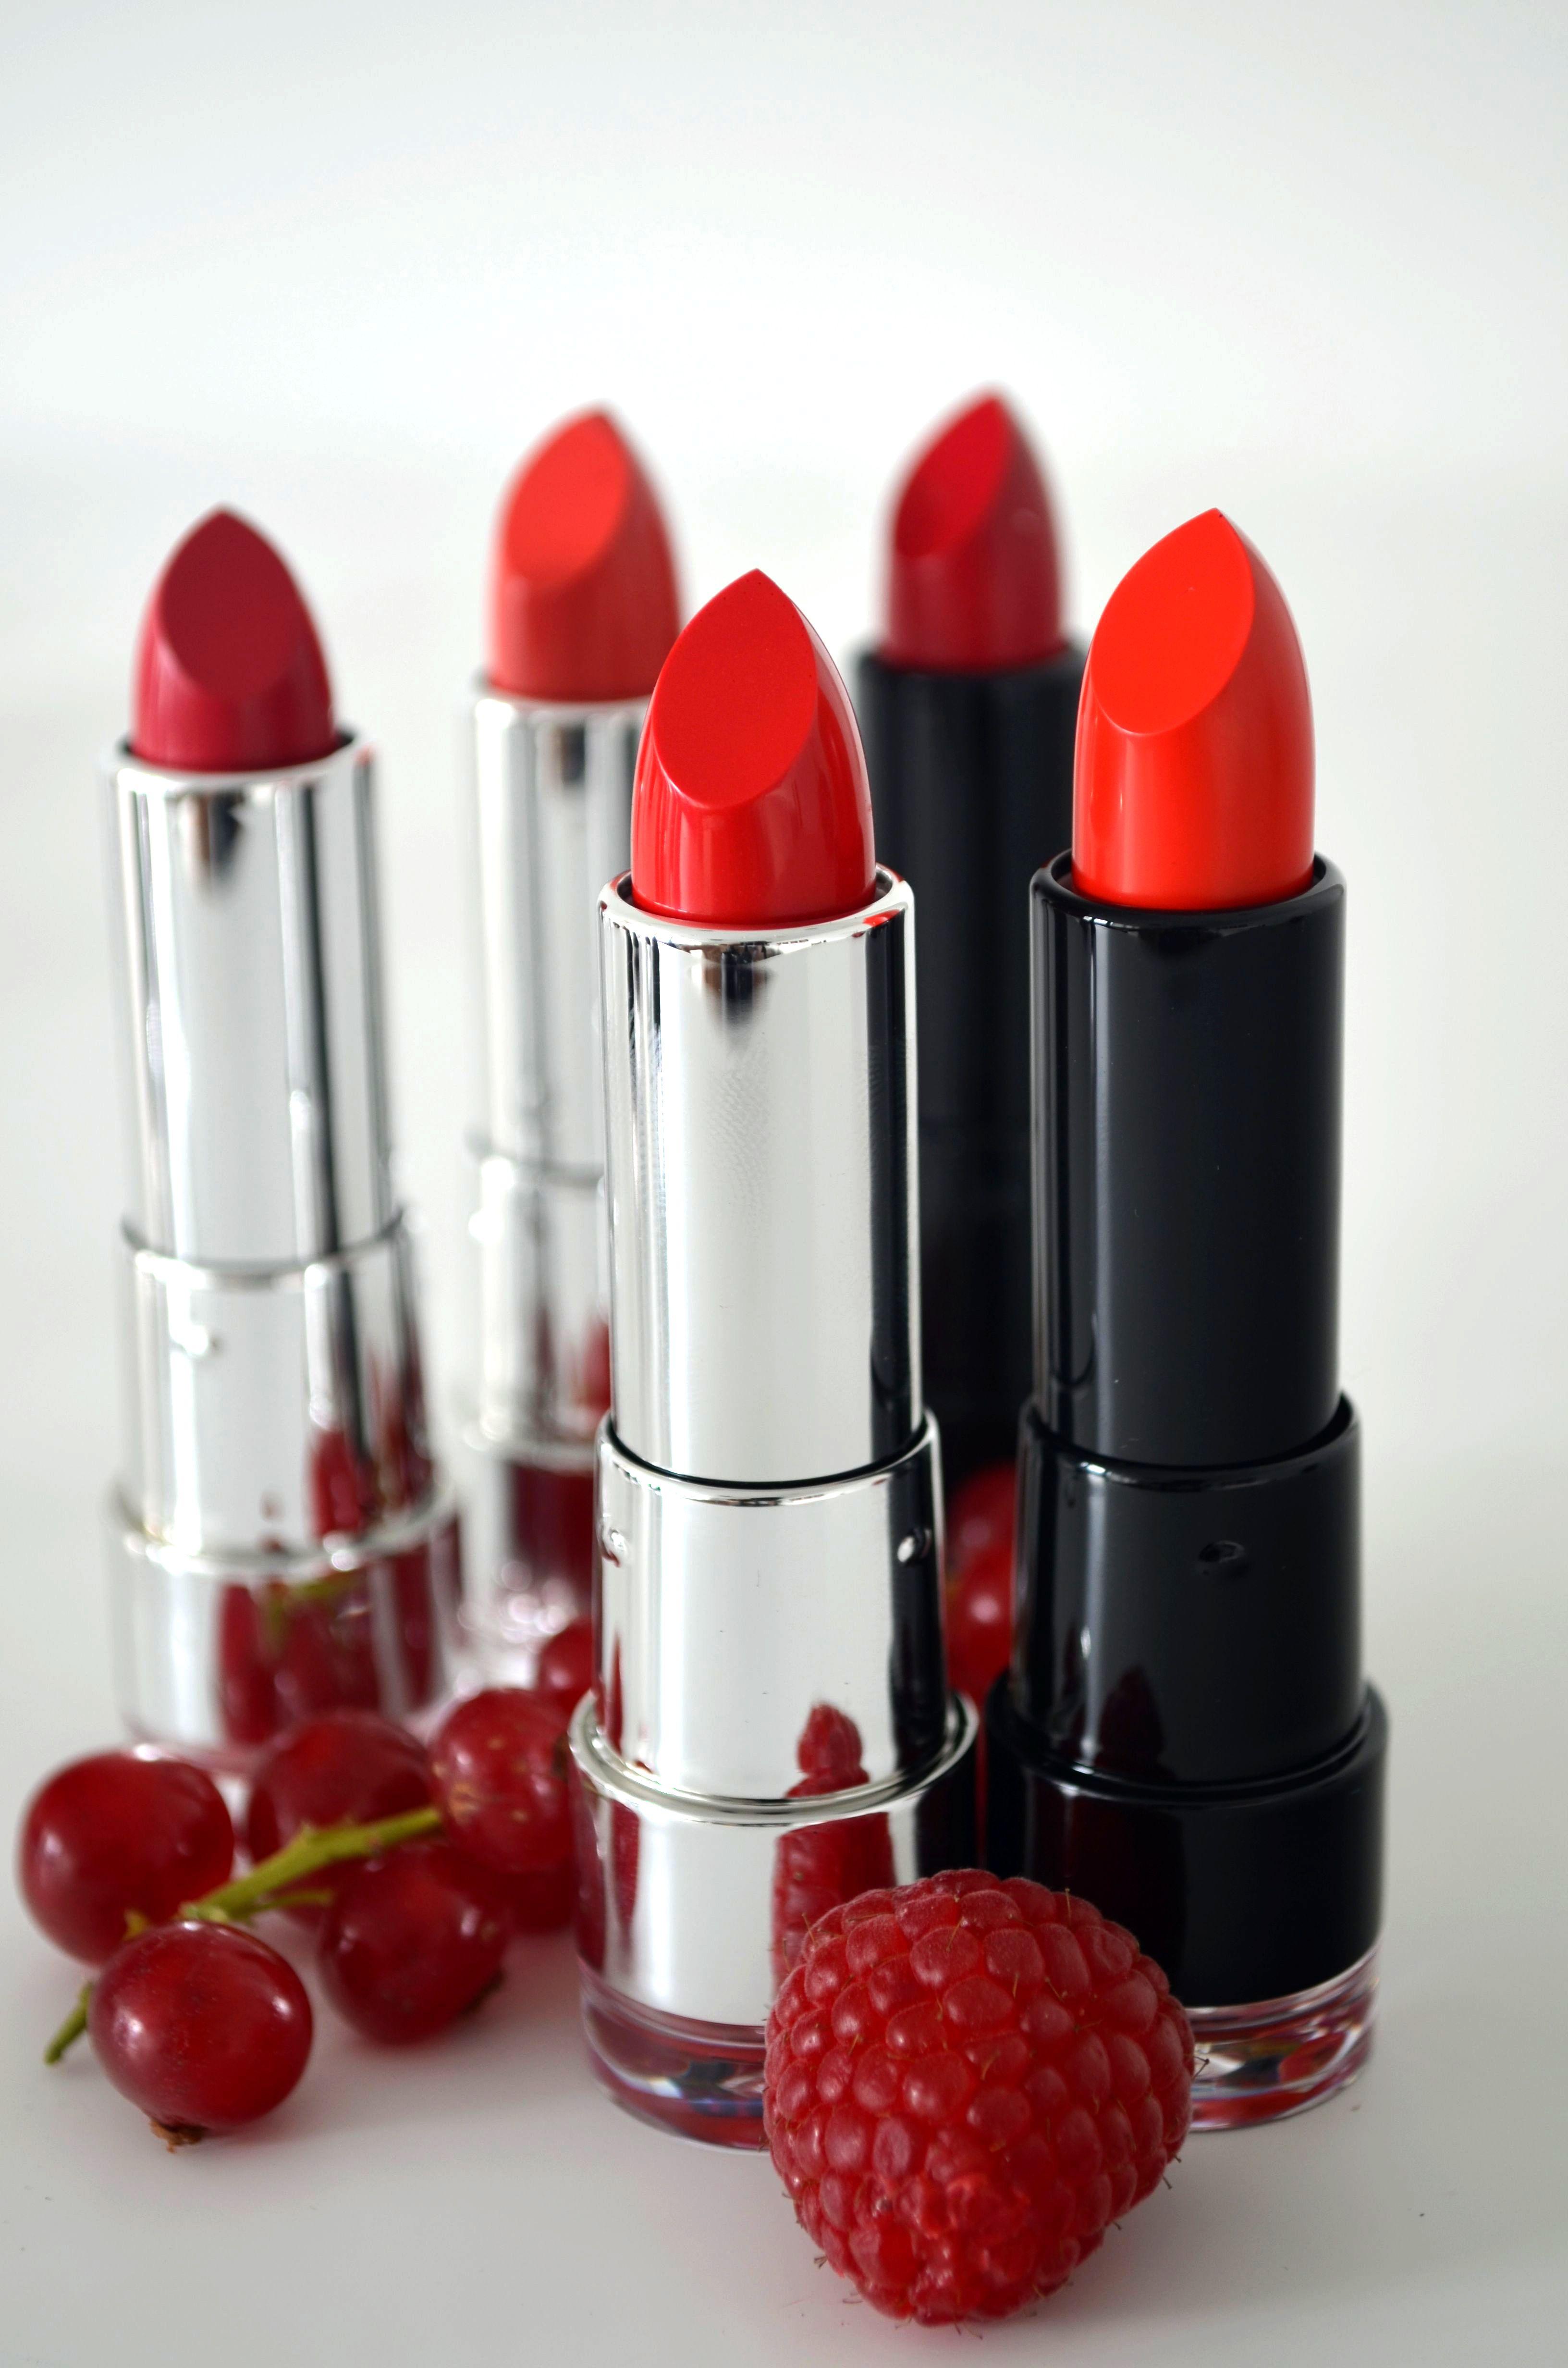 Rote #Lippen soll man küssen … Da findet jede #Lippenstift #Liebhaberin den richtigen Ton. Henrike, Sabrina und Yvonne haben die neue #dm Marke TREND IT UP entdeckt. Super! #MakeUp #Trend #MagMag #AlleeCenterMagdeburg